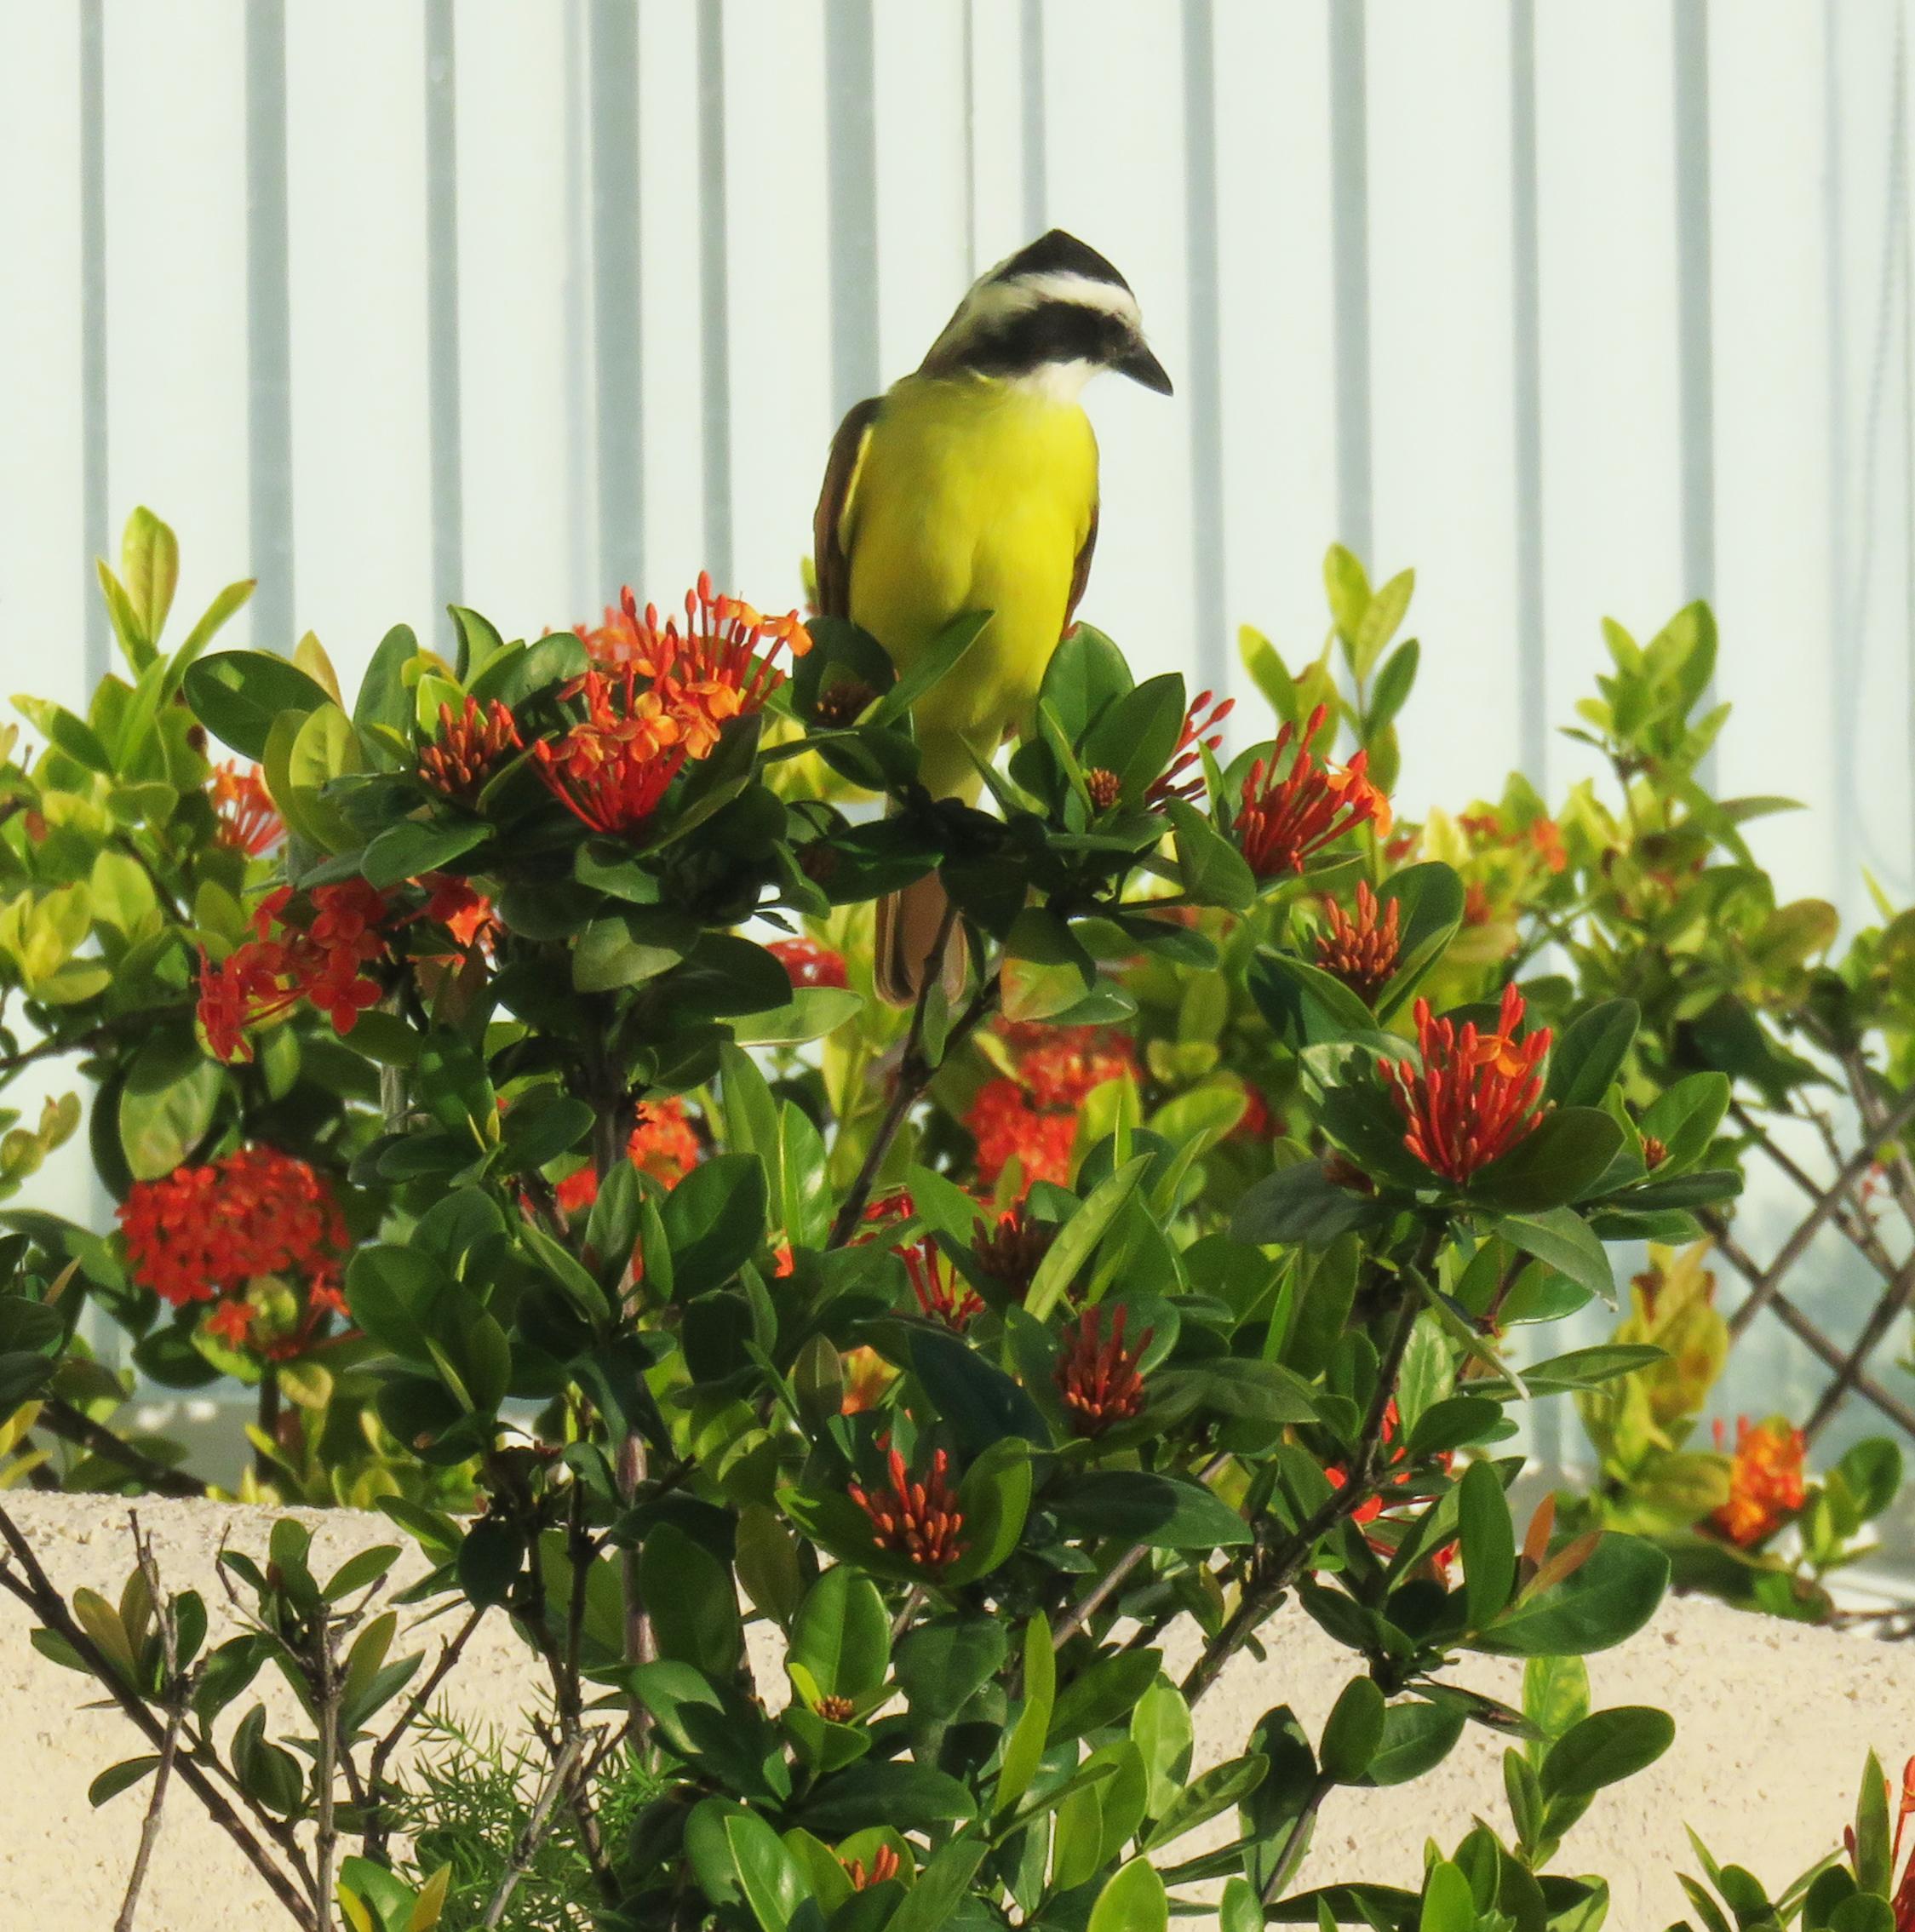 kiskadee_bird